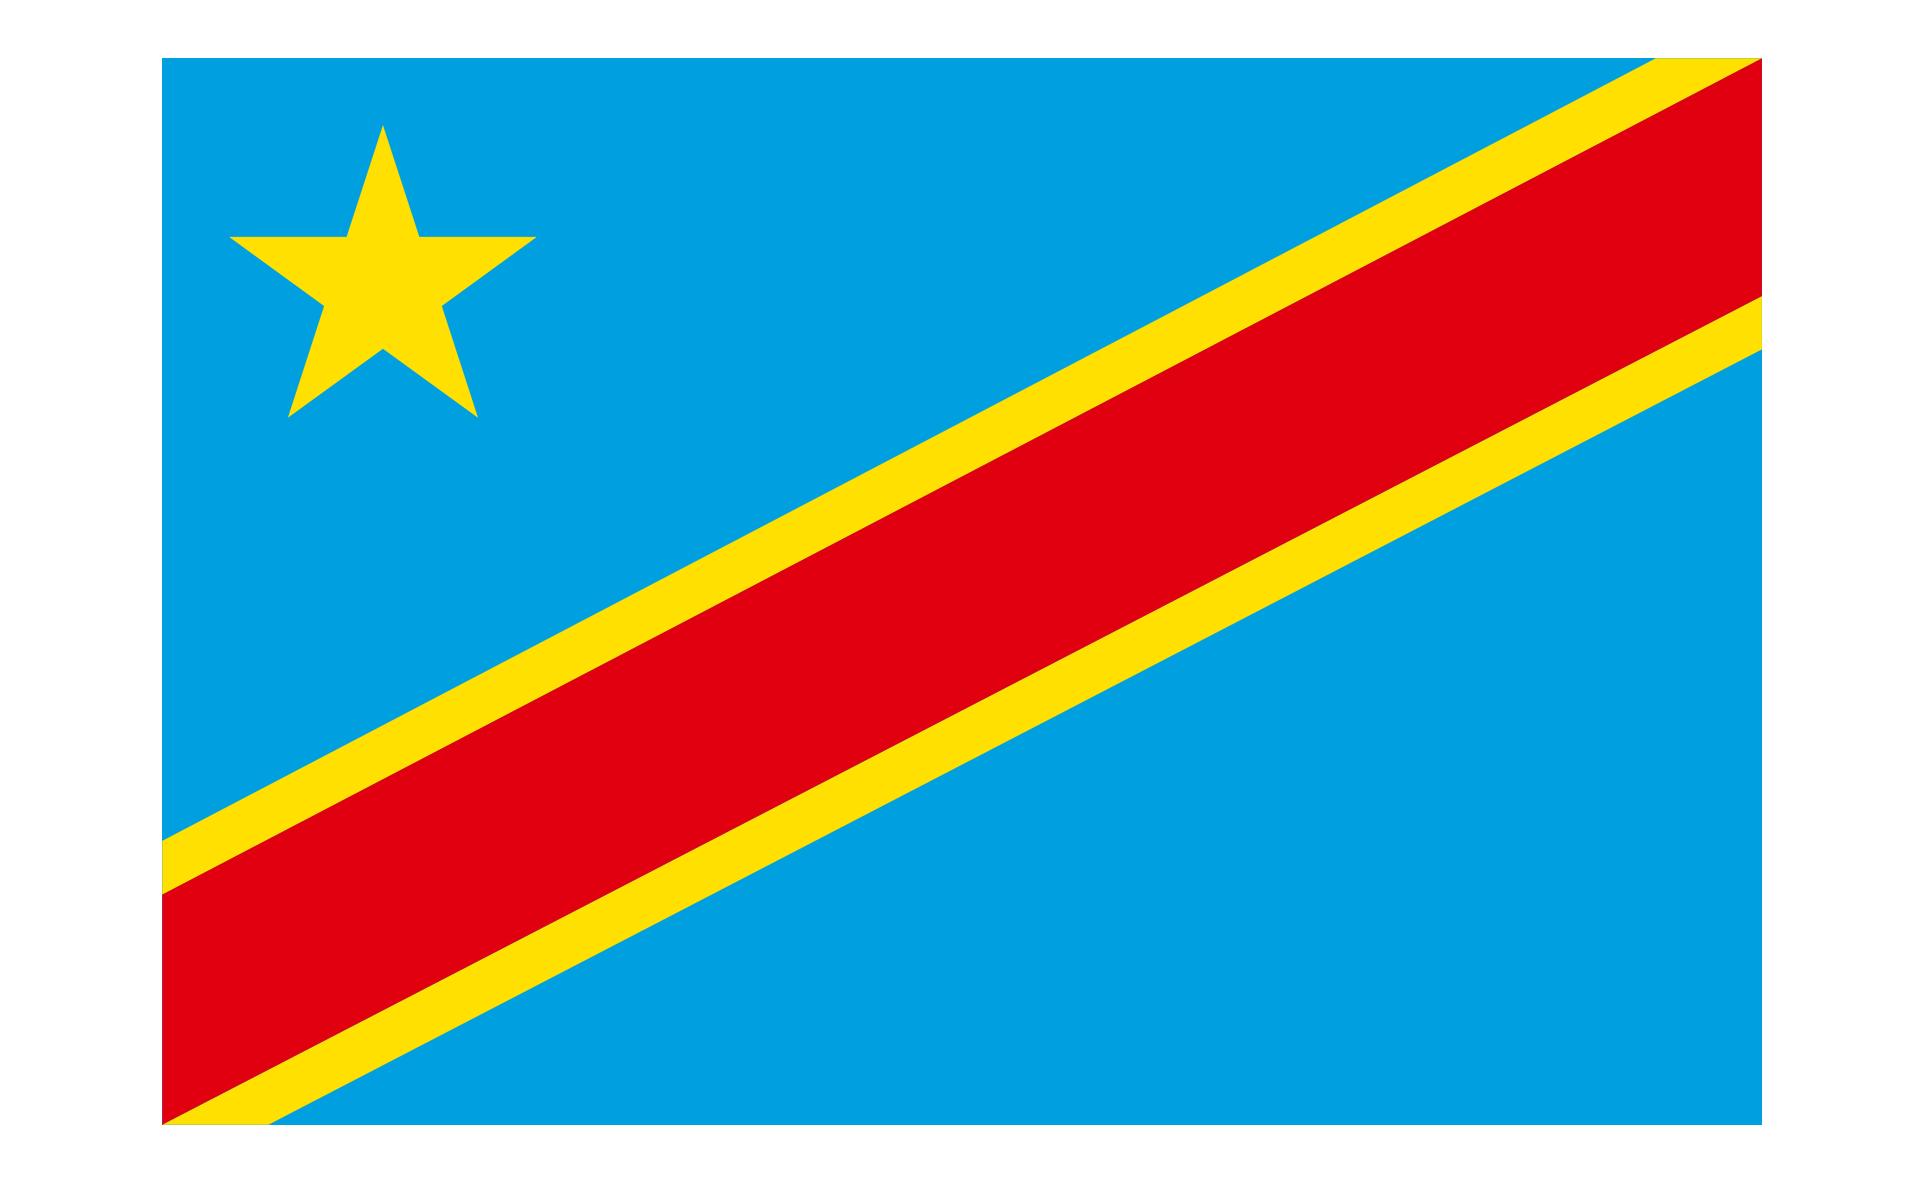 Democratic Republic of Congo Investigate Attacks on Oil Project Critics